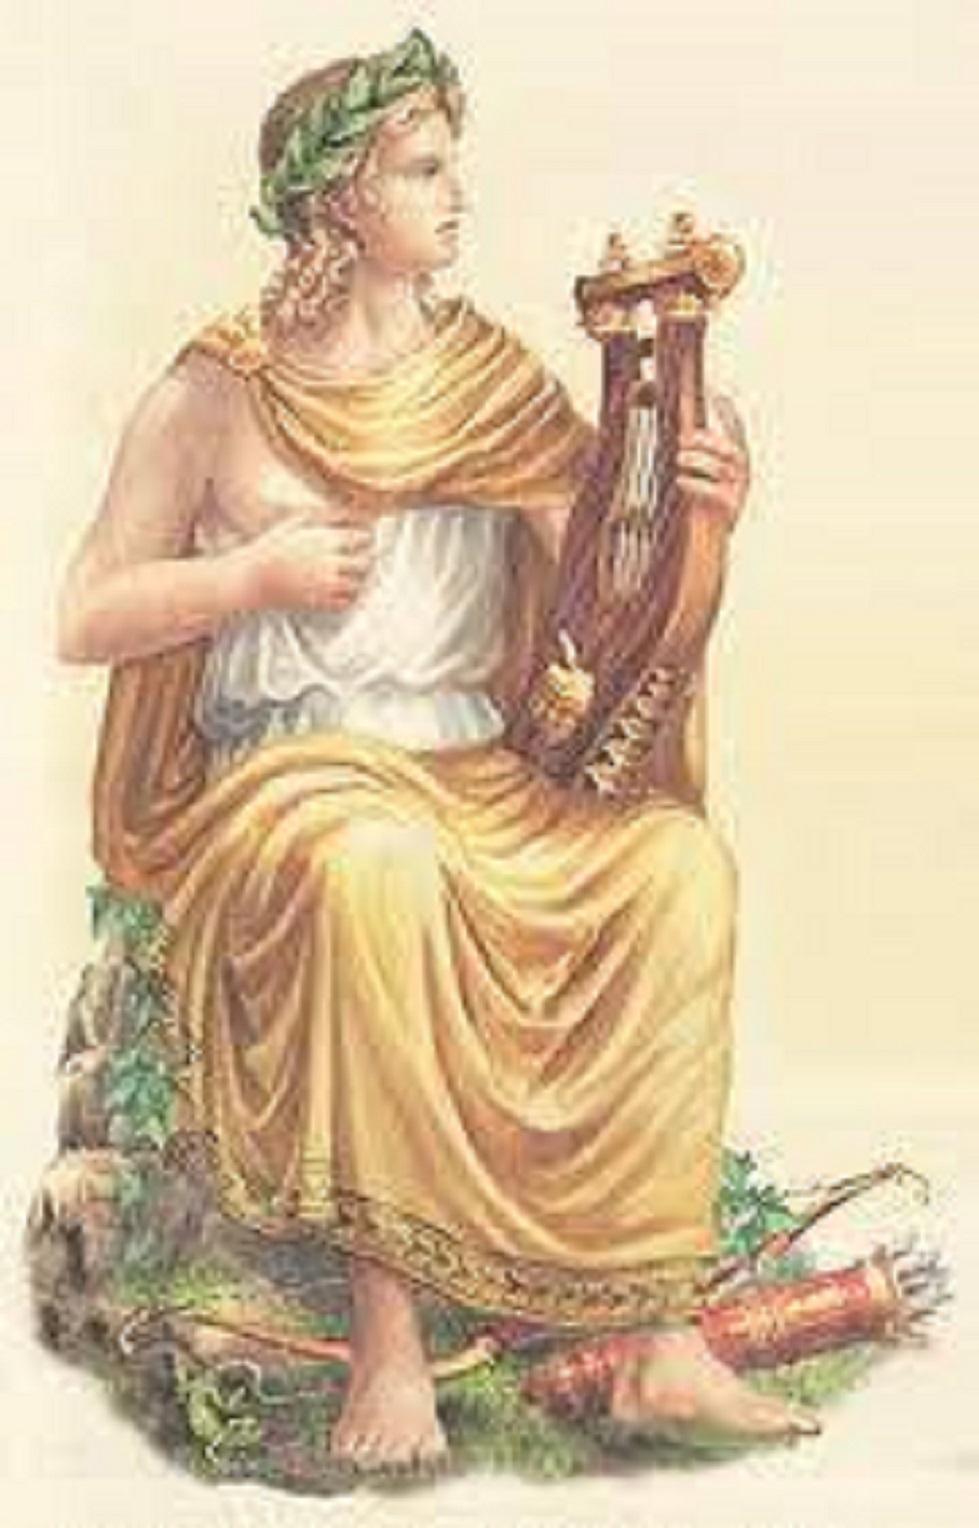 Τὸ ἑπτὰ τοῦ Ἀπόλλωνος.